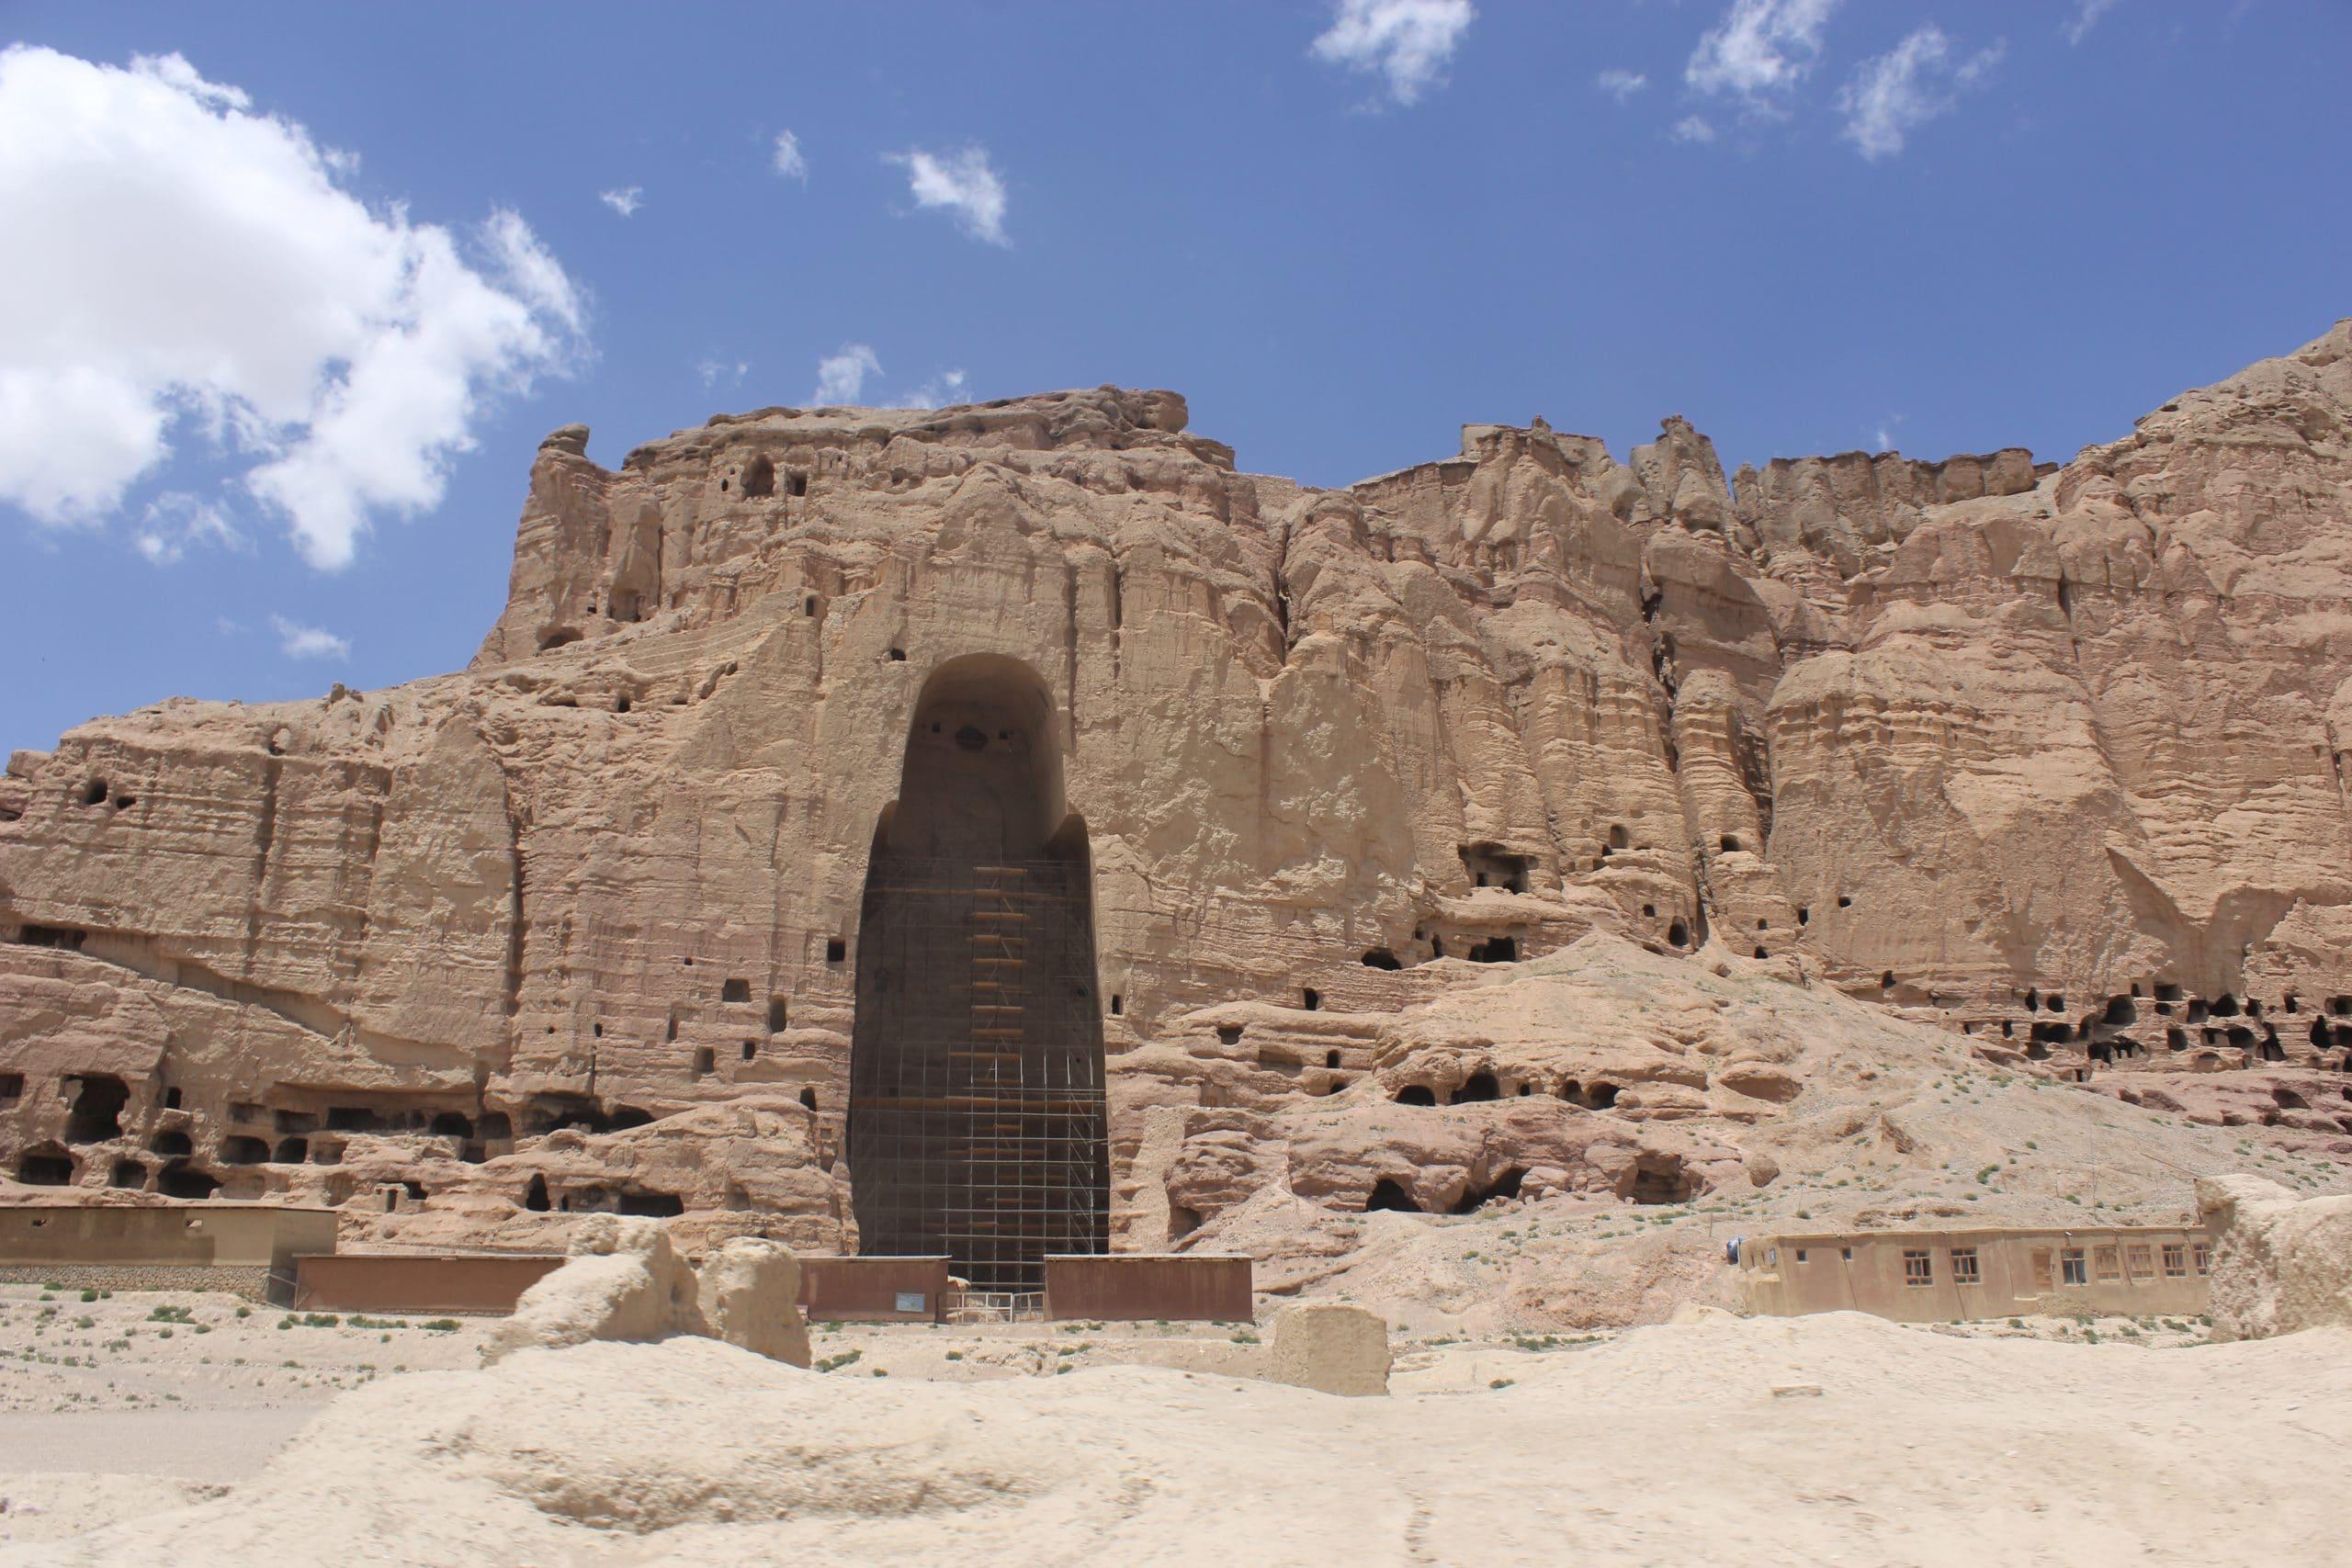 پس خسارت یک میلیارد و ۷۰۰ میلیون افغانی؛ درهای بامیان به روی گردشگران باز شد